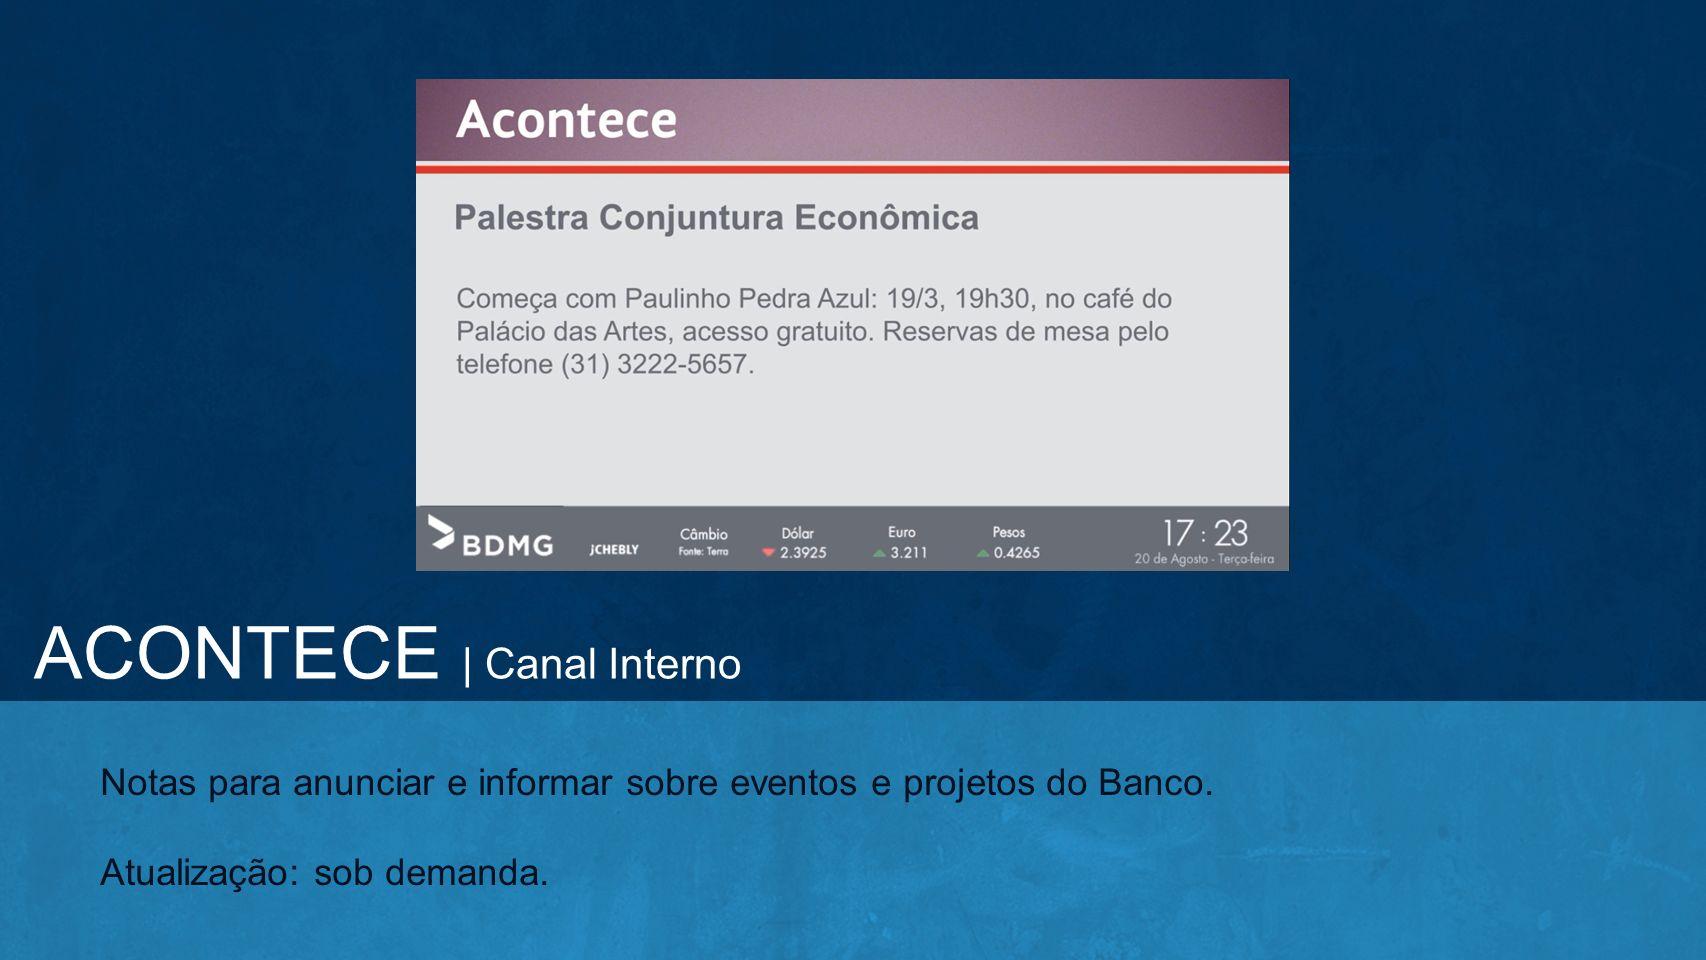 ACONTECE | Canal Interno